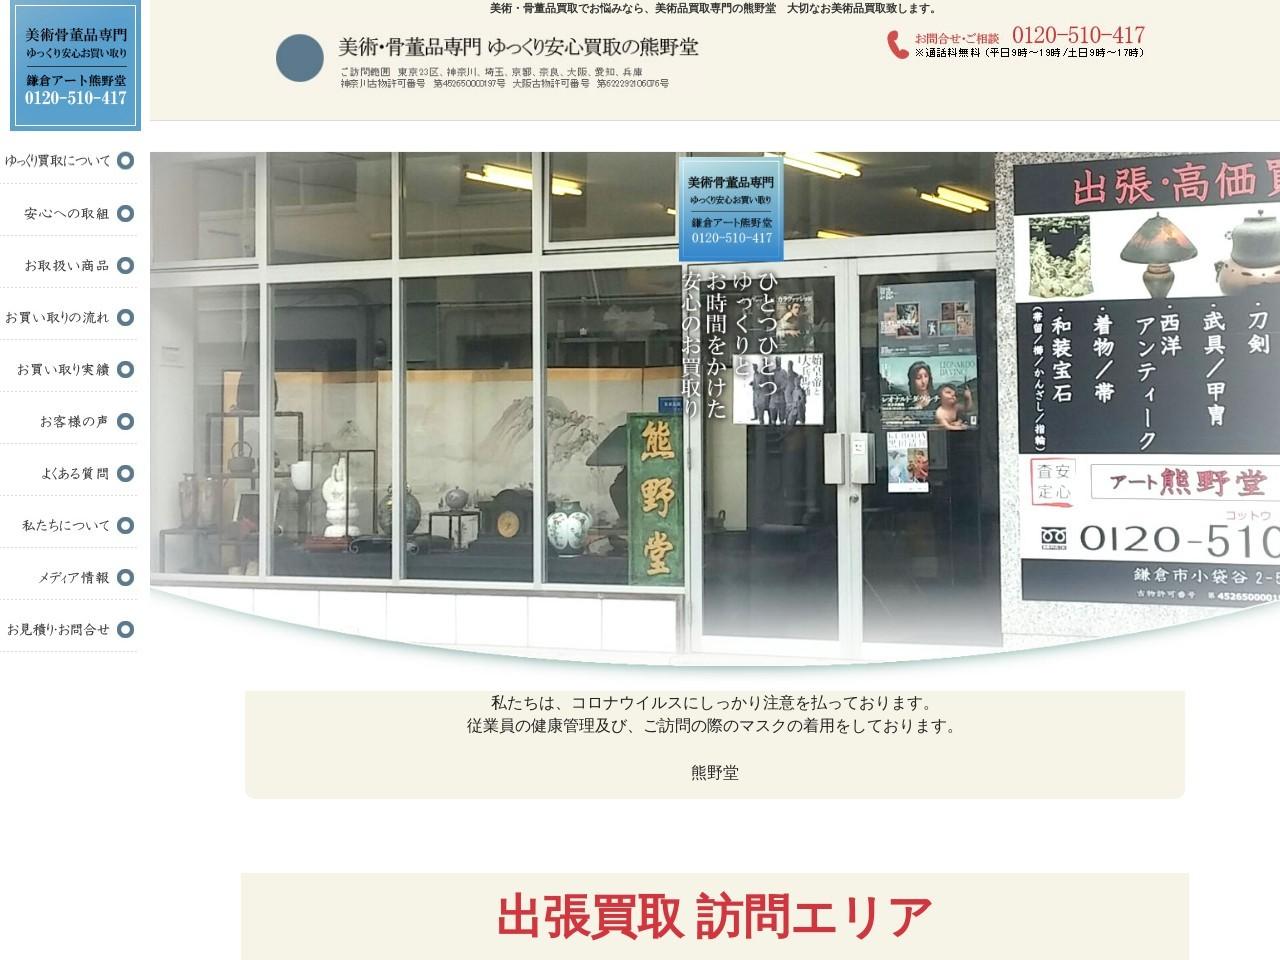 美術・骨董品買取でお悩みなら、美術品買取専門の熊野堂 大切なお美術品買取致します。